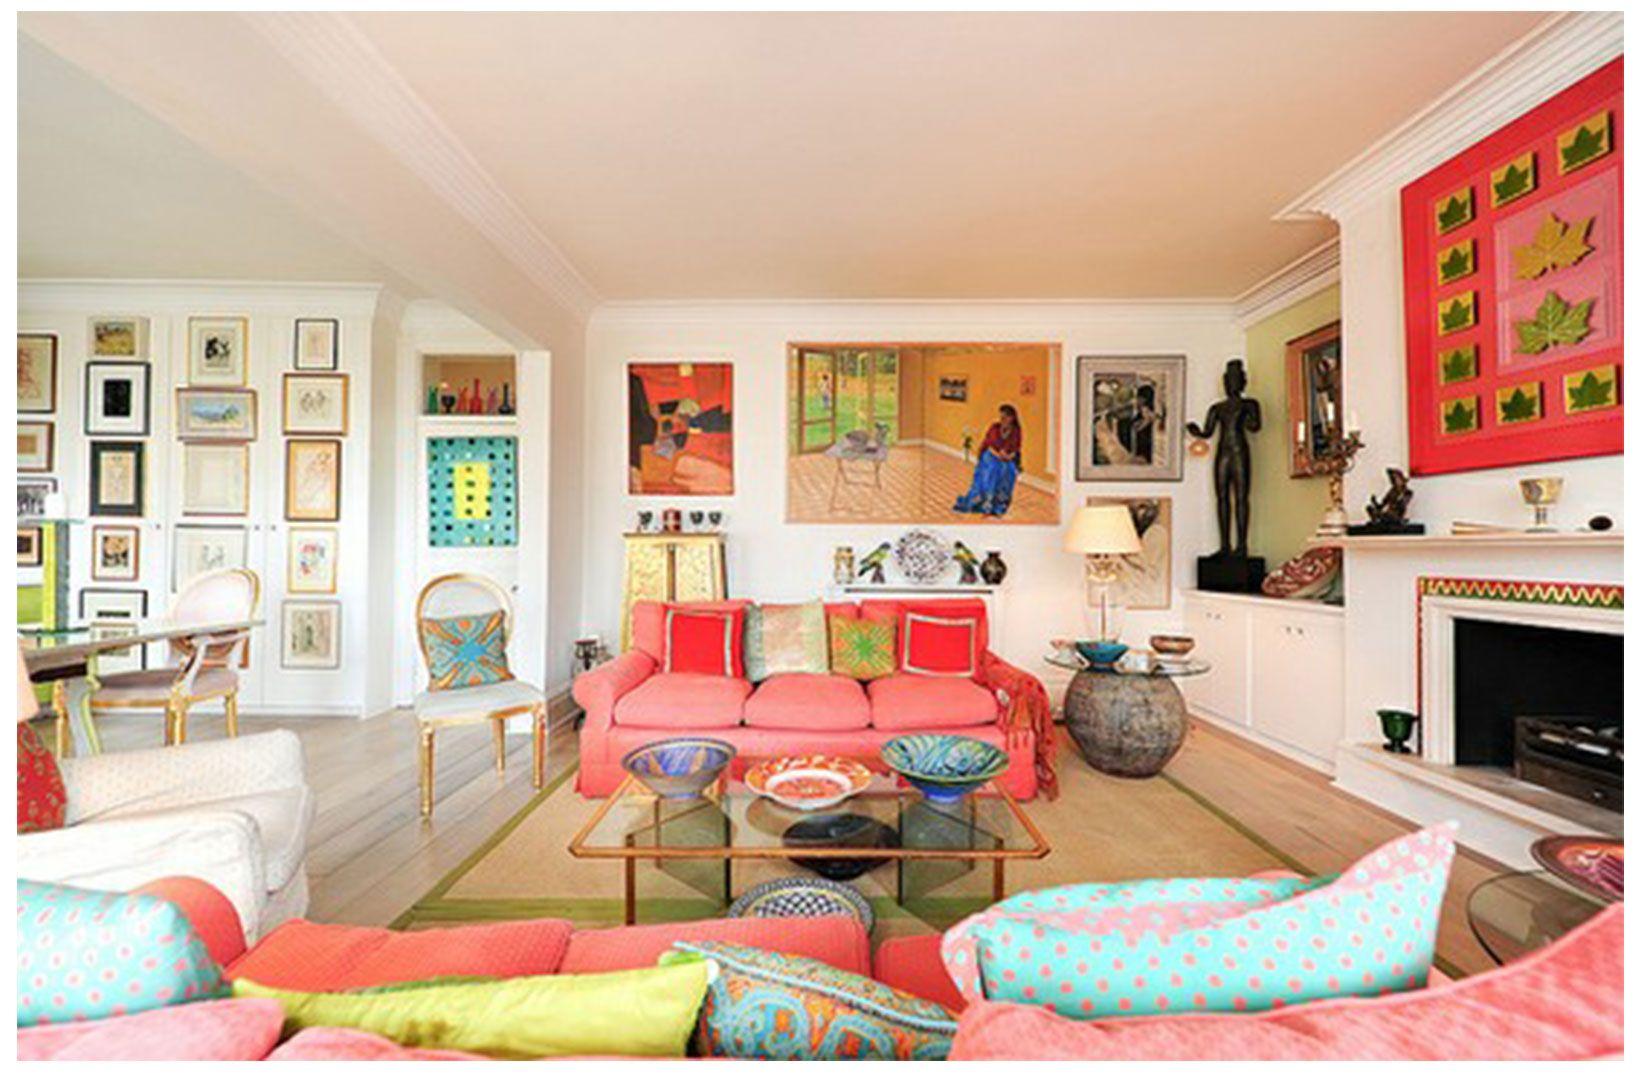 2015 Living Room Trends httpwwwrocheroyalcom2015livingroom